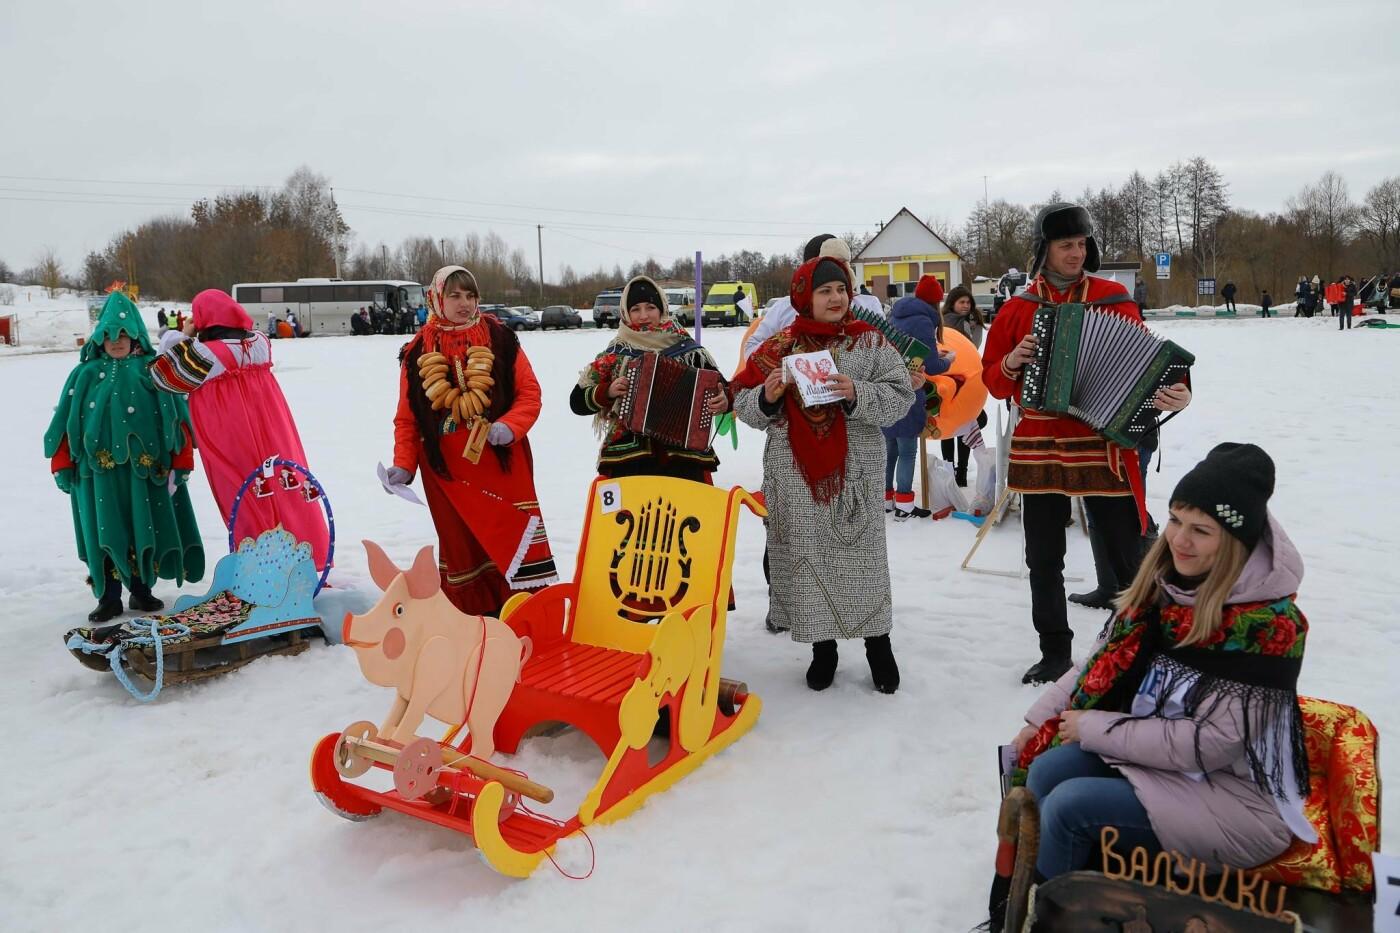 Под Прохоровкой прошёл фестиваль «Маланья зимняя» (фото), фото-1